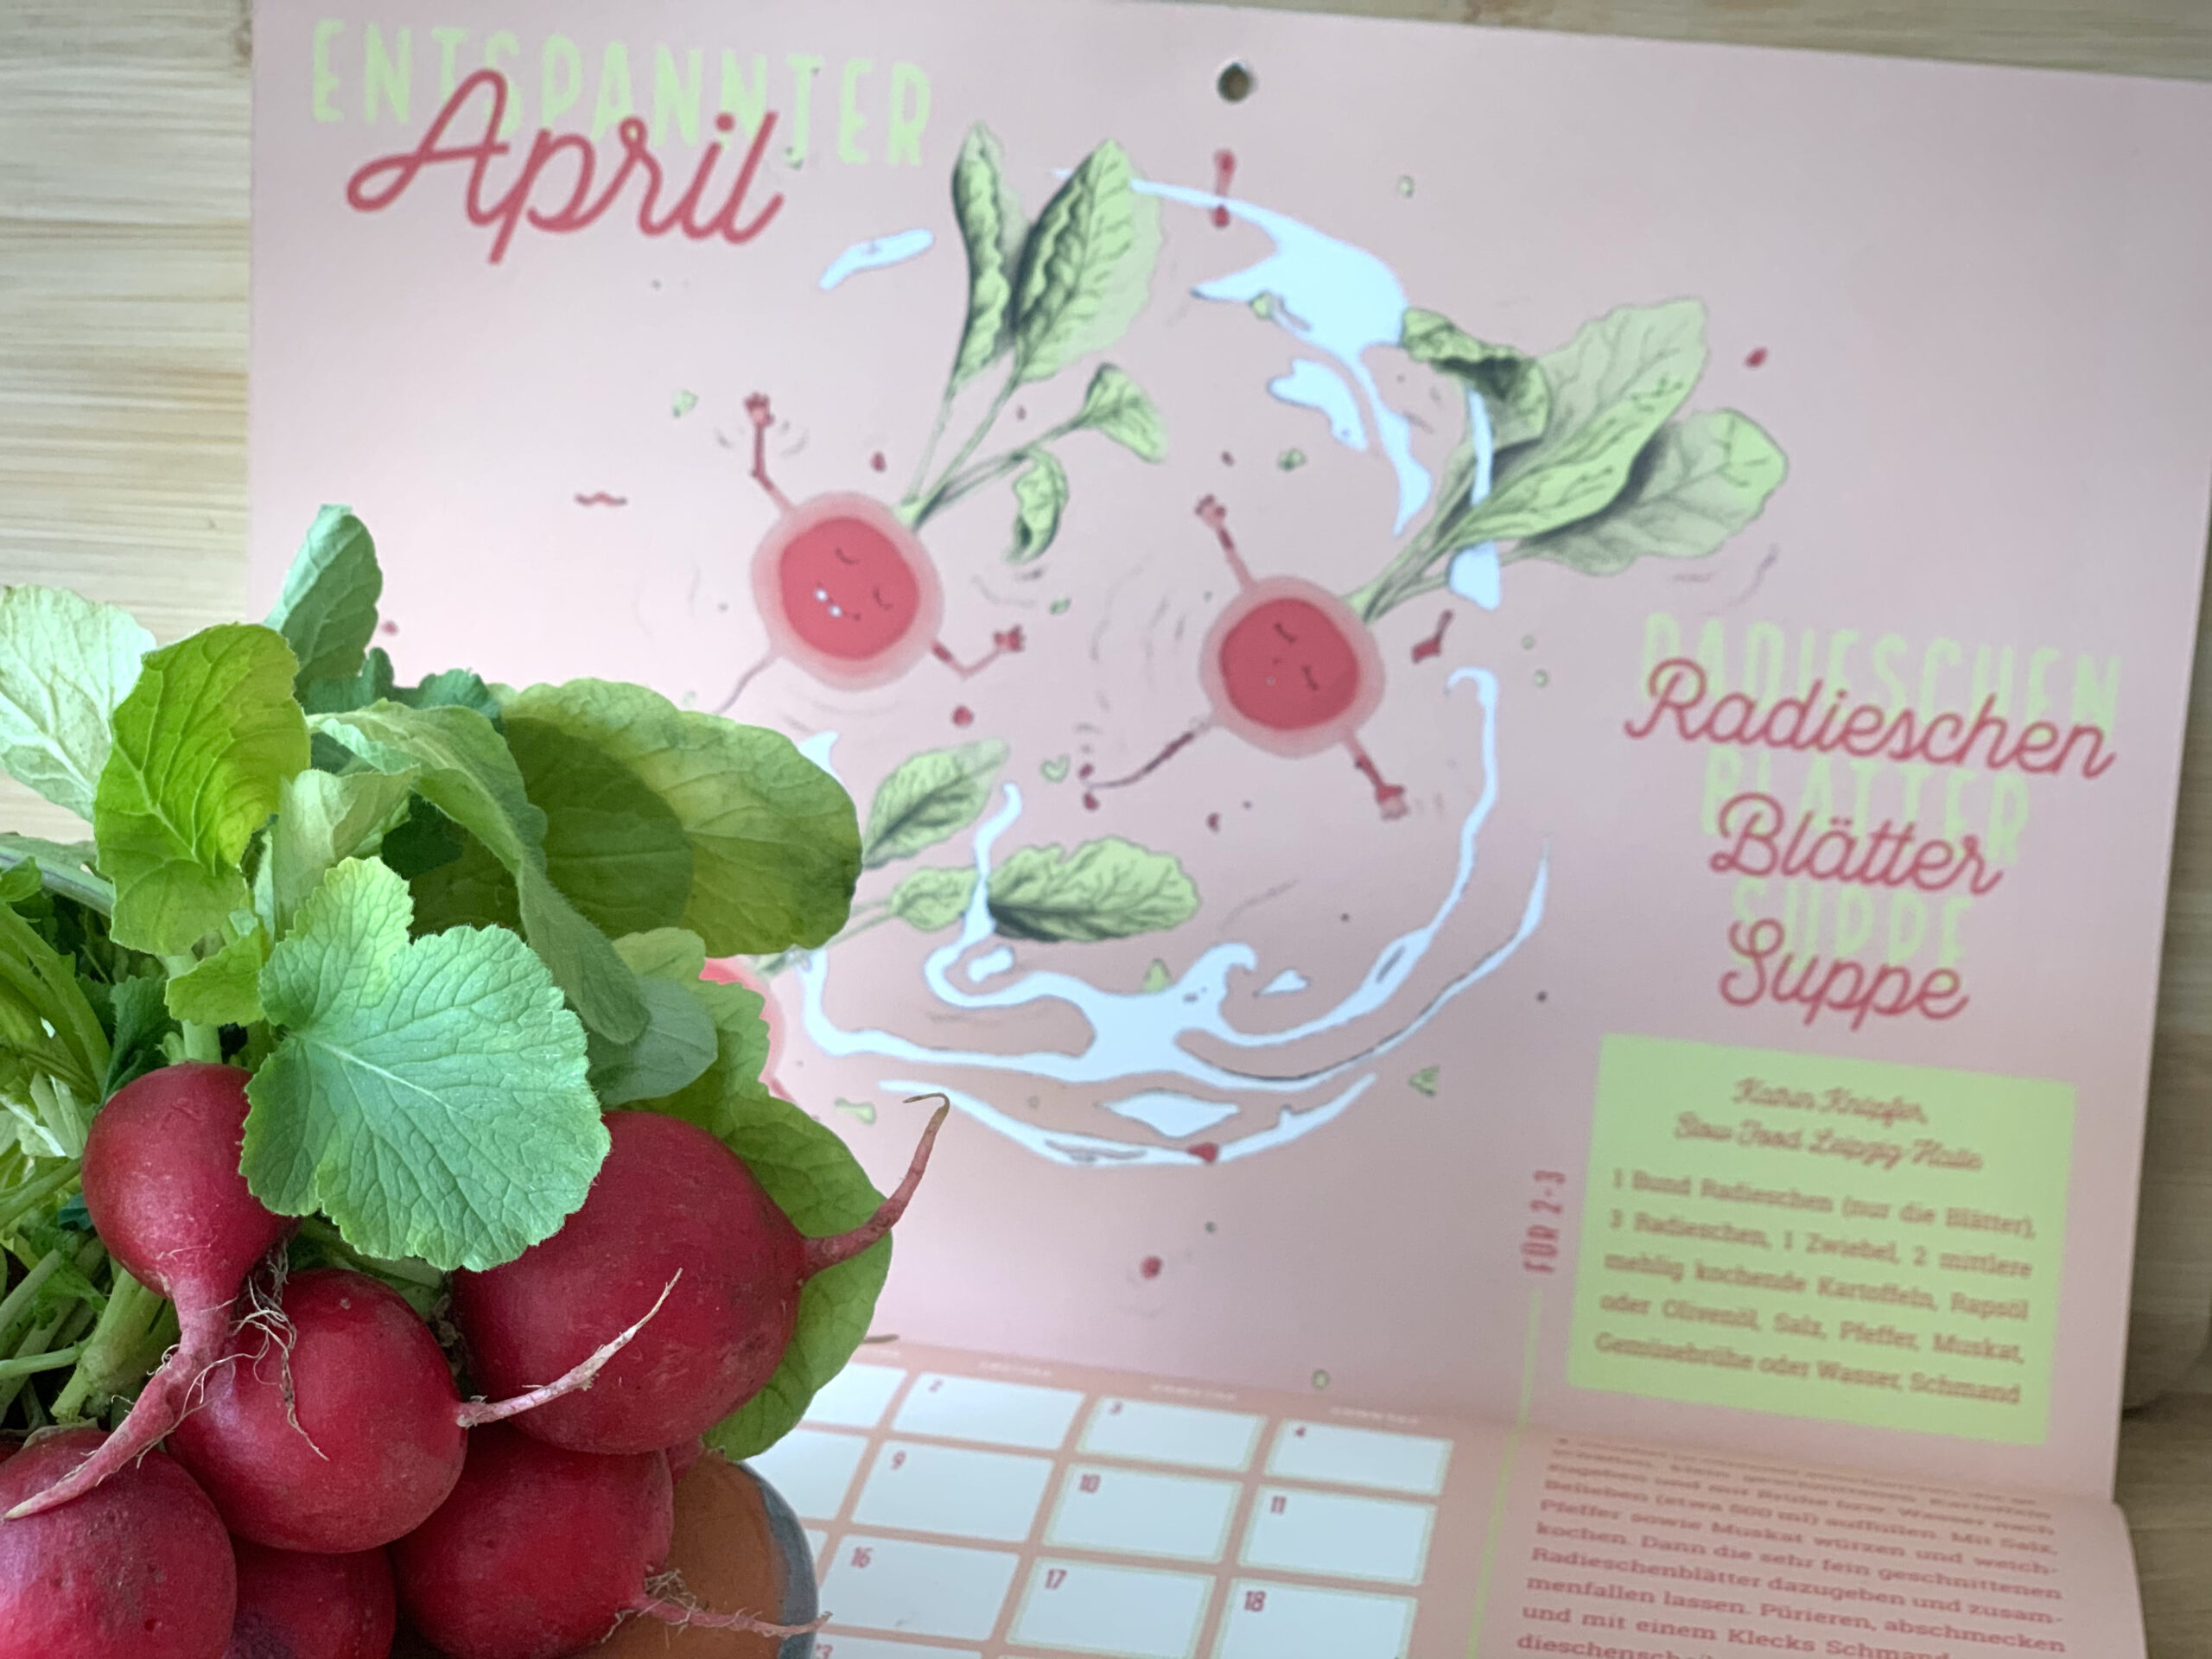 Entspannter April: Radieschenblätter-Suppe